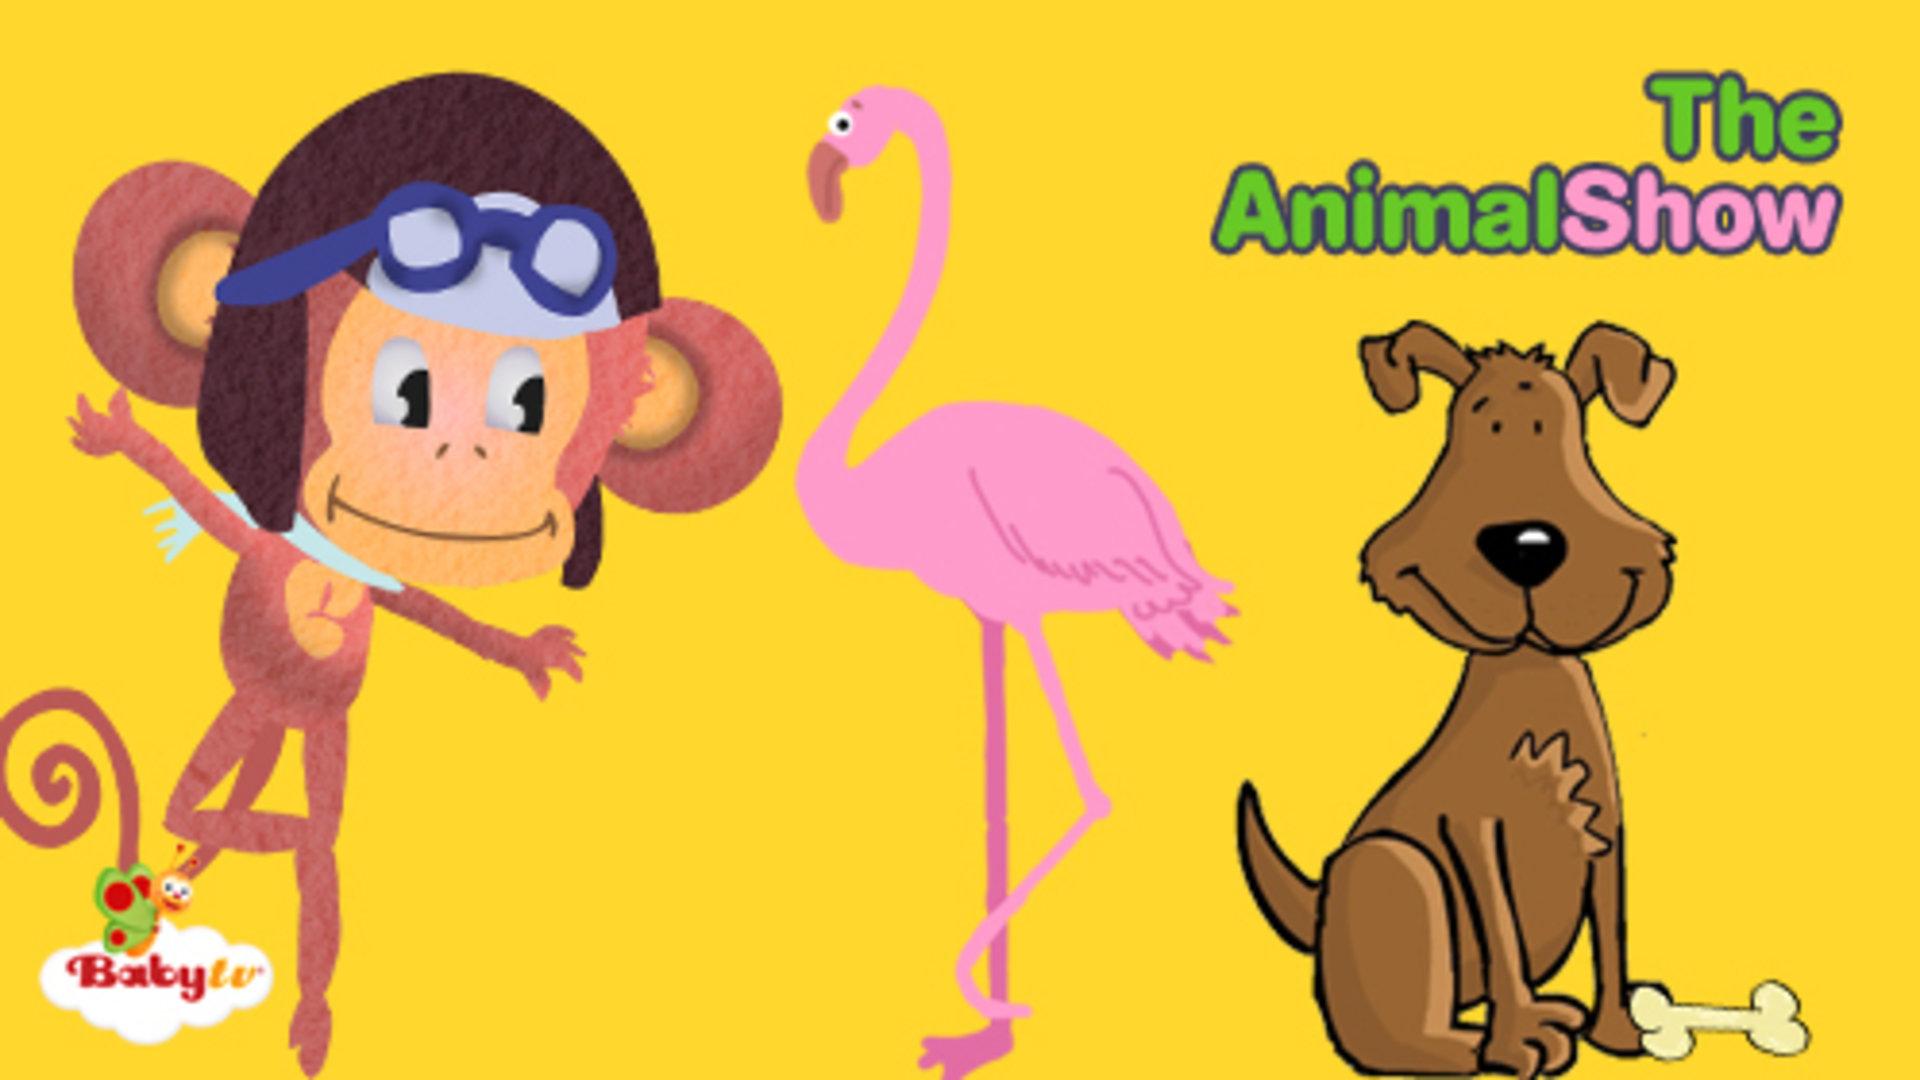 学习关于宠物的东西,并发现你最喜欢的动物喜欢吃什么.